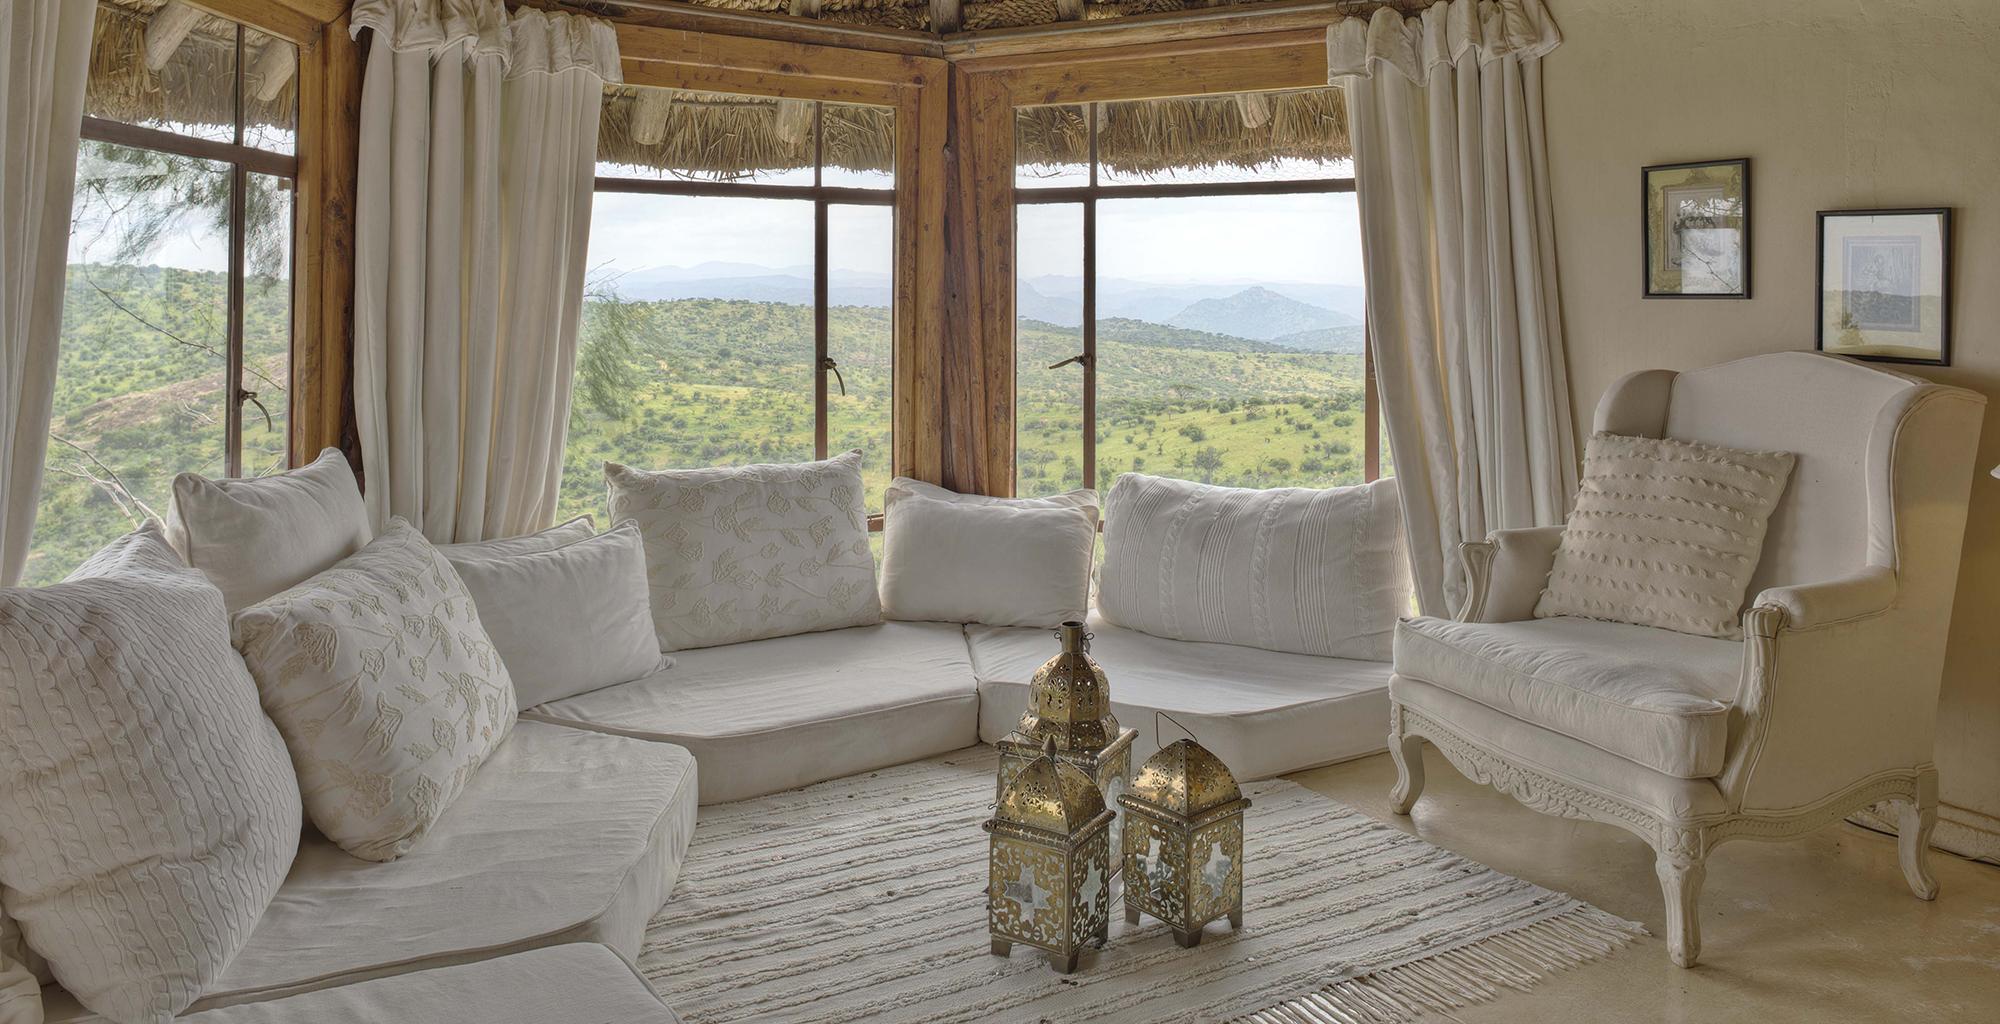 Kenya-Ol-Lentille-Living-Room